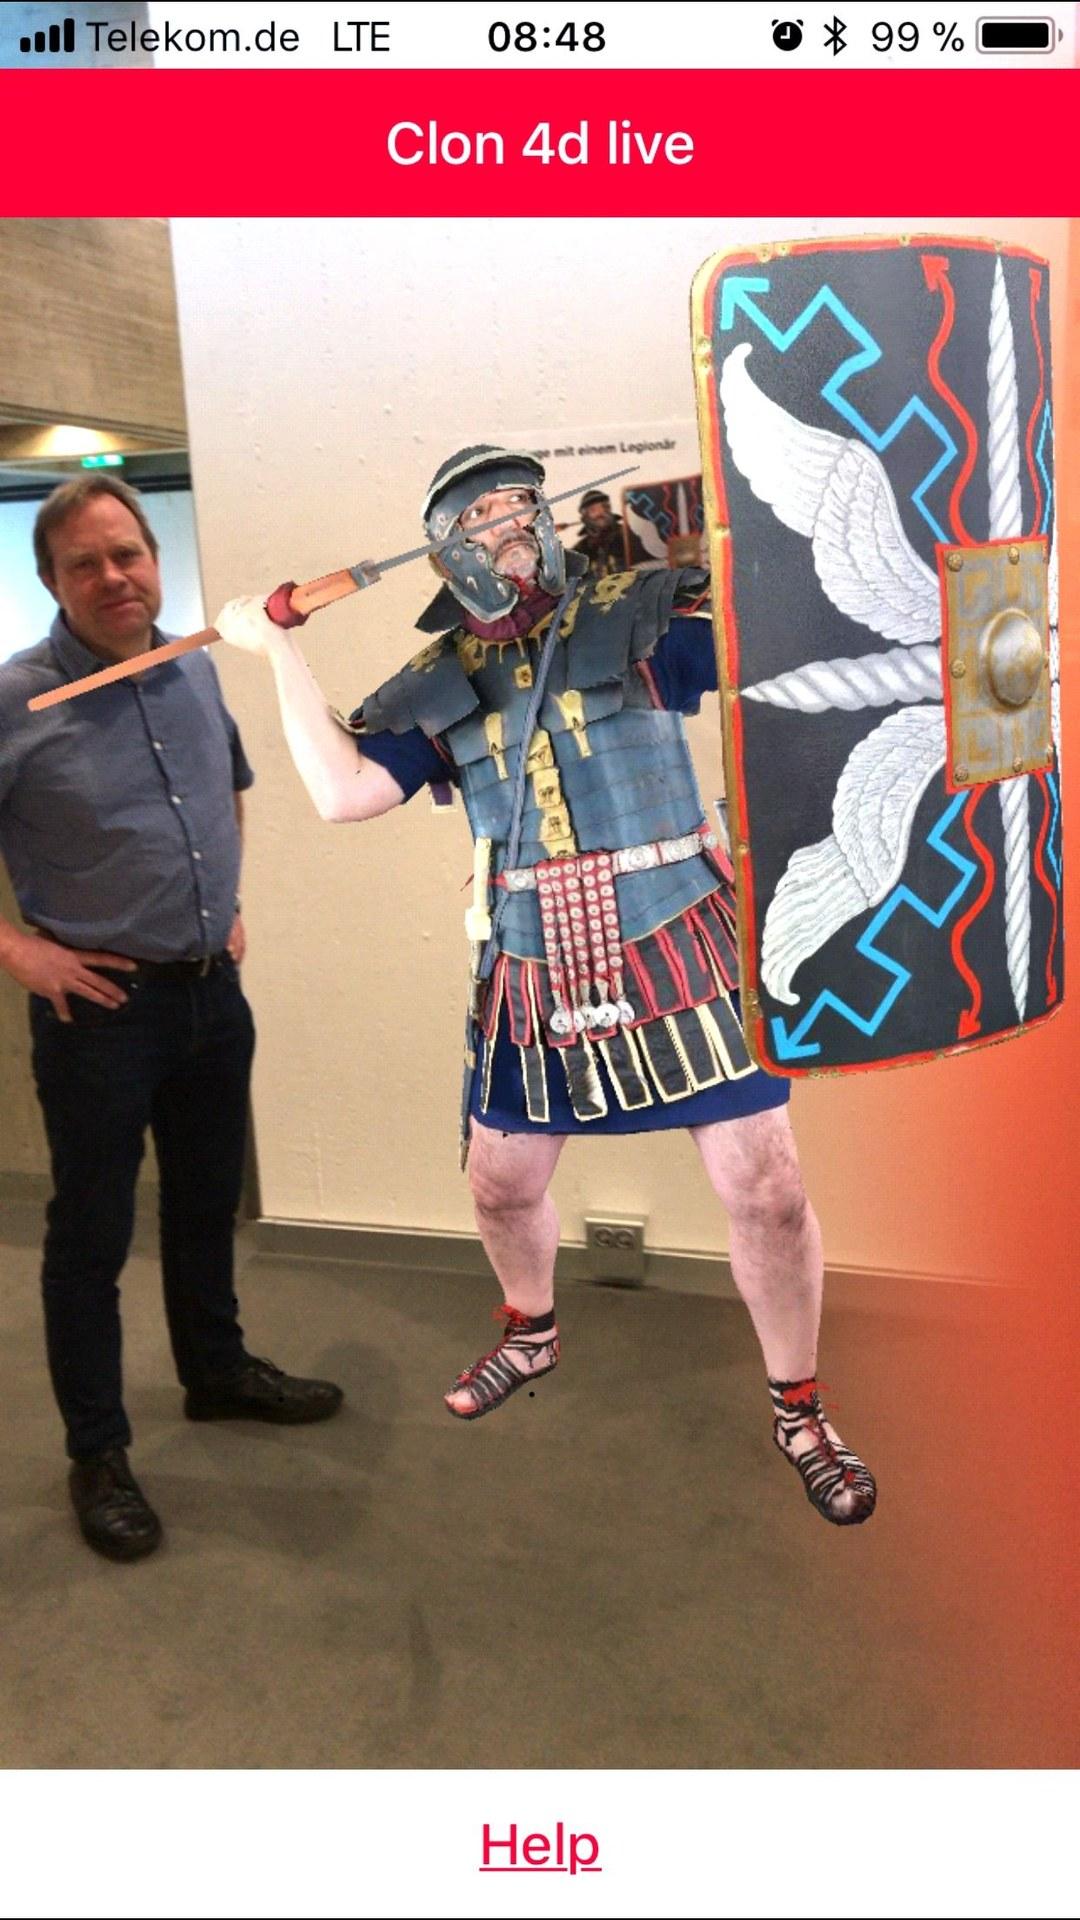 Clon App: Kurator Dr. Carl Pause mit römischem Soldat - Foto: Clemens Sels Museum Neuss.